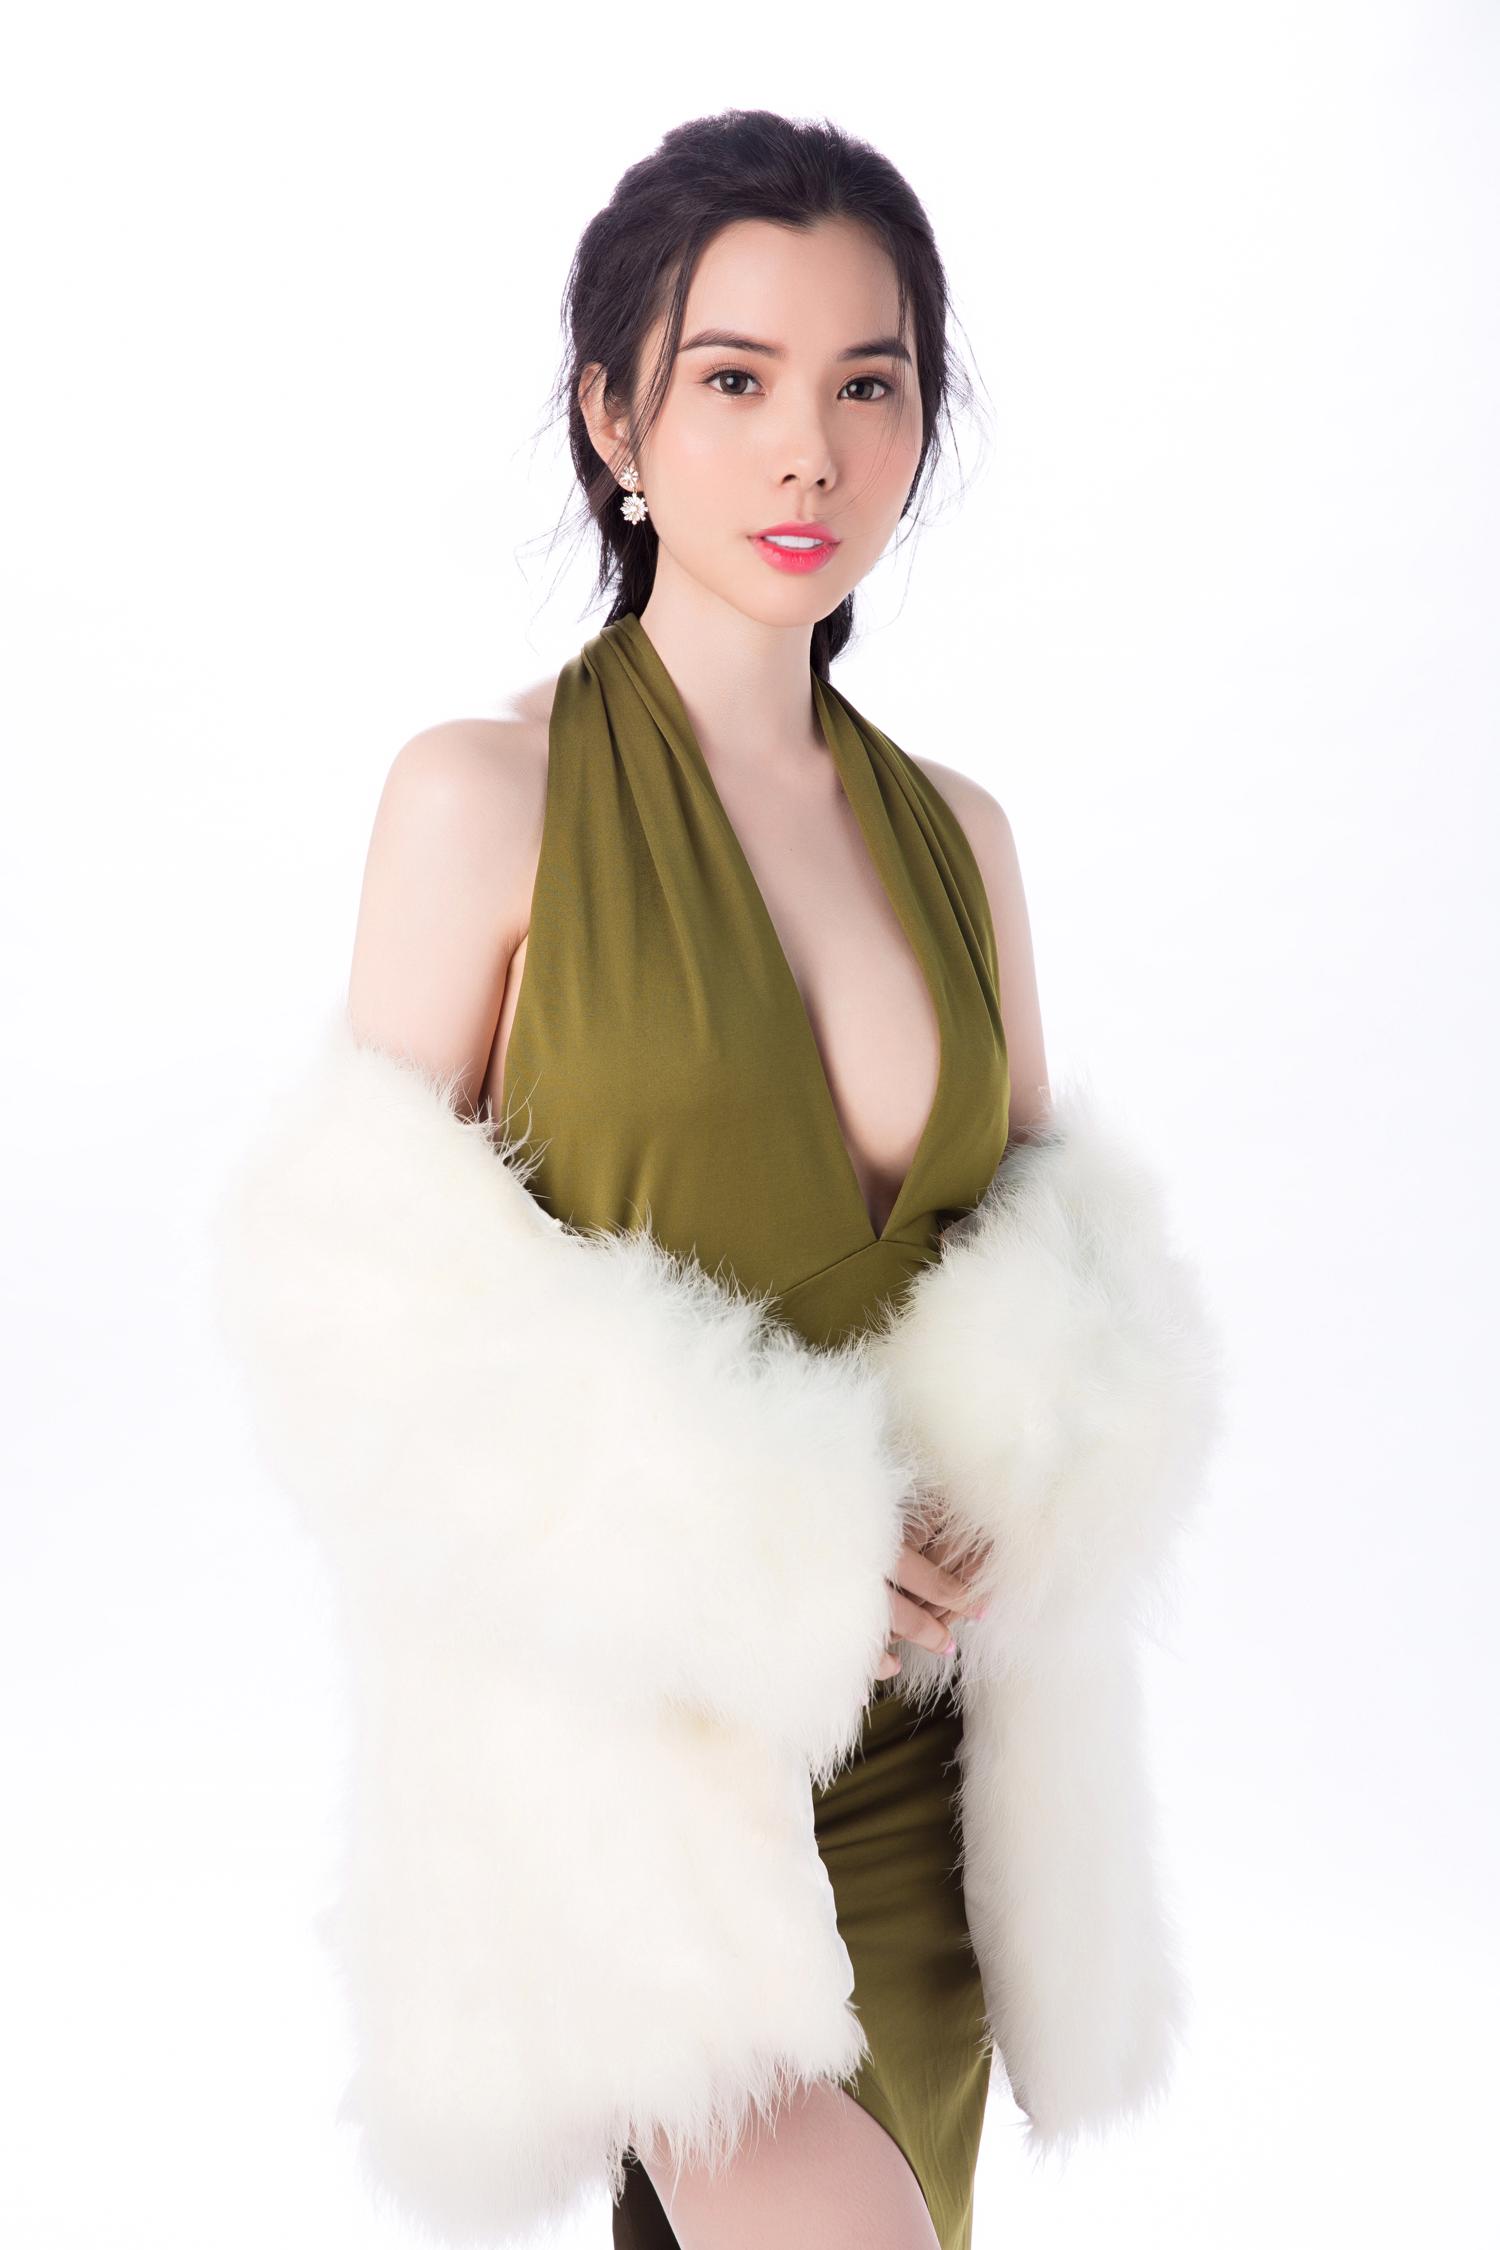 Á khôi Huỳnh Vy đẹp mong manh với váy xuyên thấu - Tin sao Viet - Tin tuc sao Viet - Scandal sao Viet - Tin tuc cua Sao - Tin cua Sao